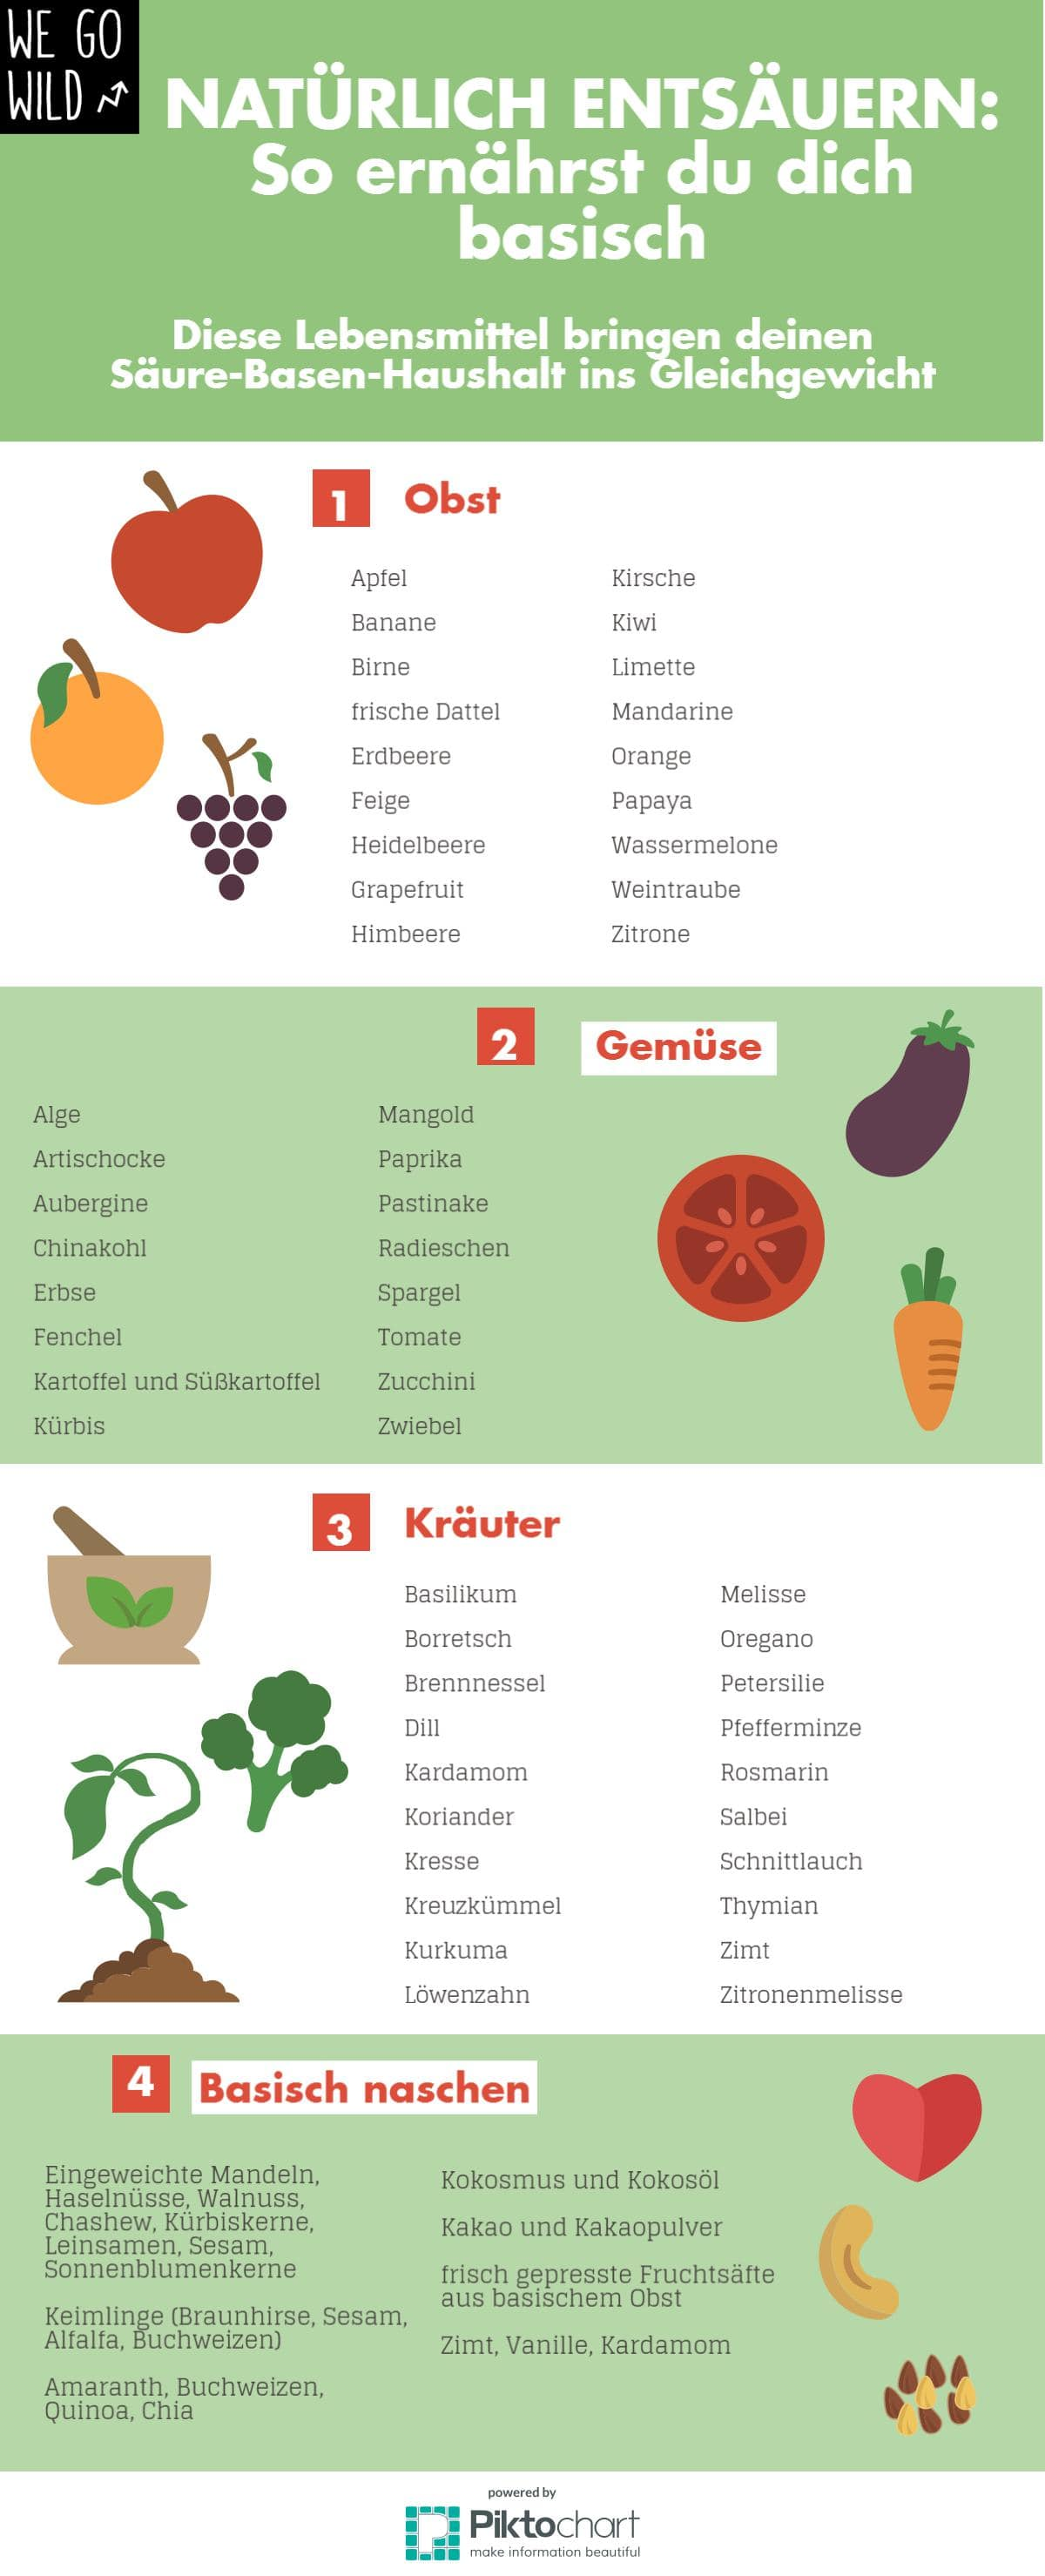 Basische Lebensmittel - Natürlich gegen Übersäuerung